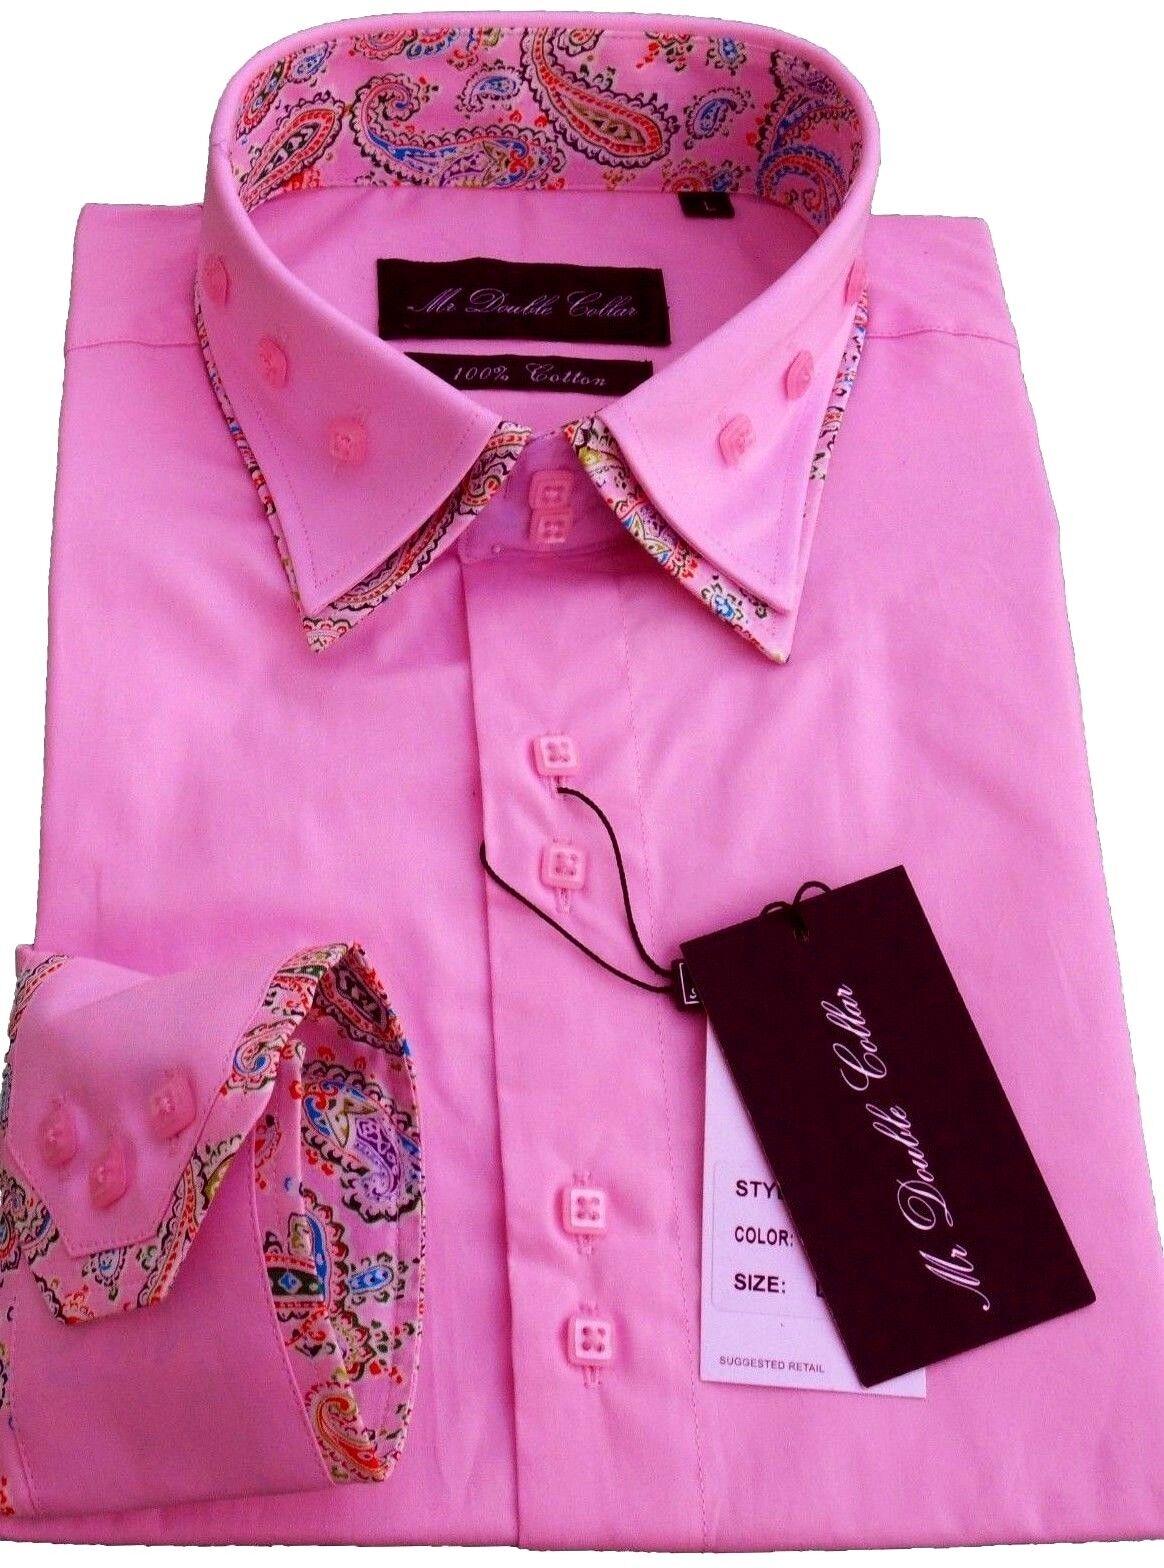 Camicia da Uomo Casual Elegante Formale rosa Confetto con Motivo Cachemire